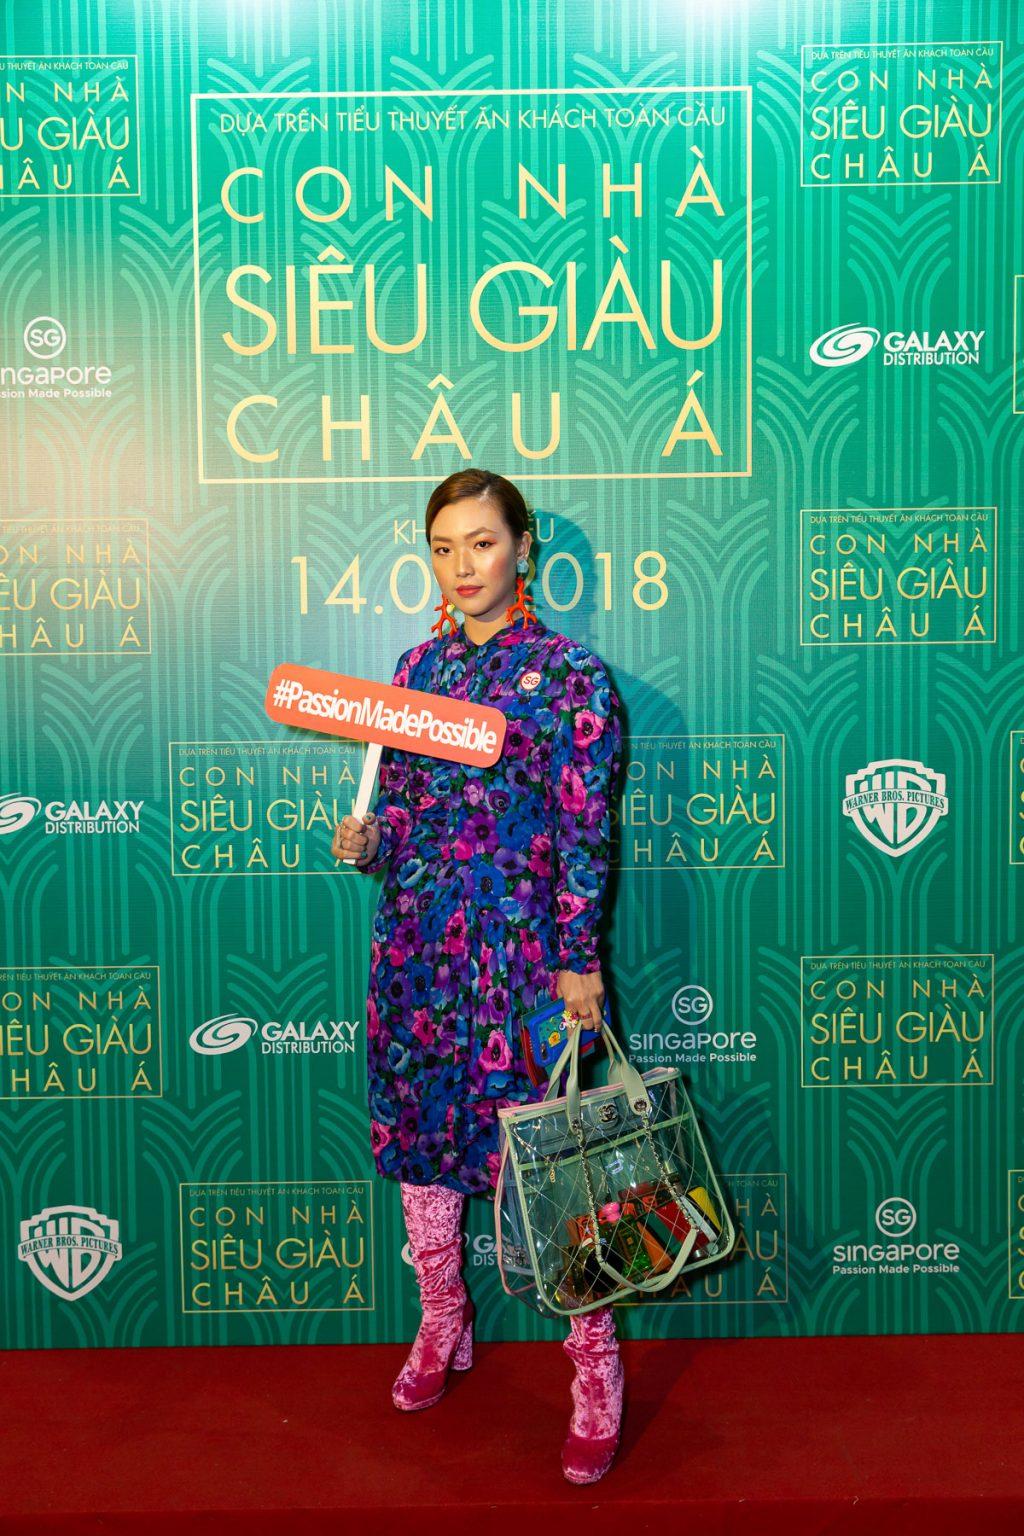 công chiếu phim Con Nhà Siêu Giàu Châu Á Crazy Rich Asians 05